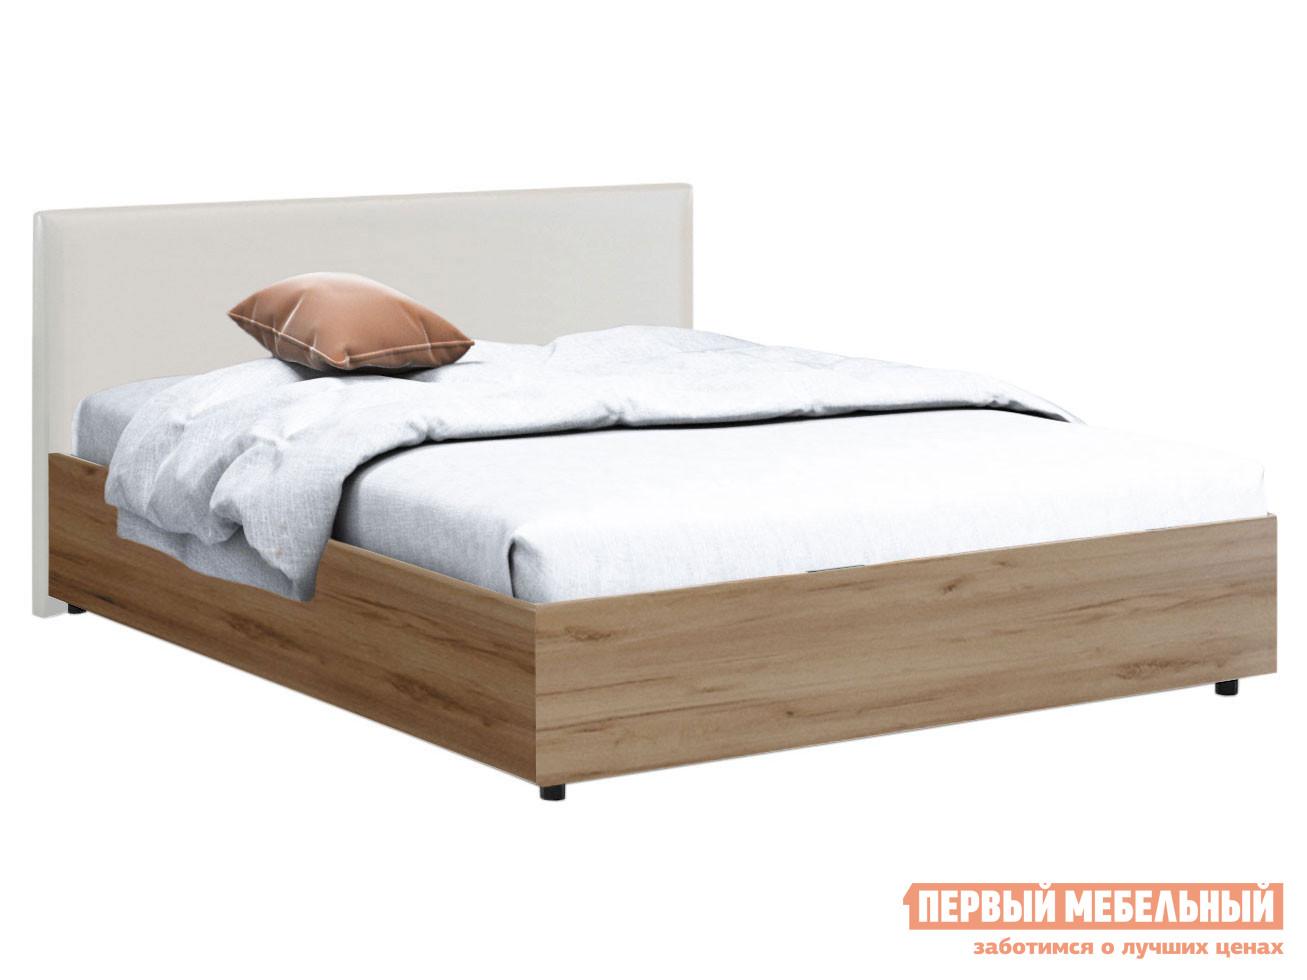 Кровать с подъемным механизмом Боровичи Лофт без матраса (Люкс Классика)